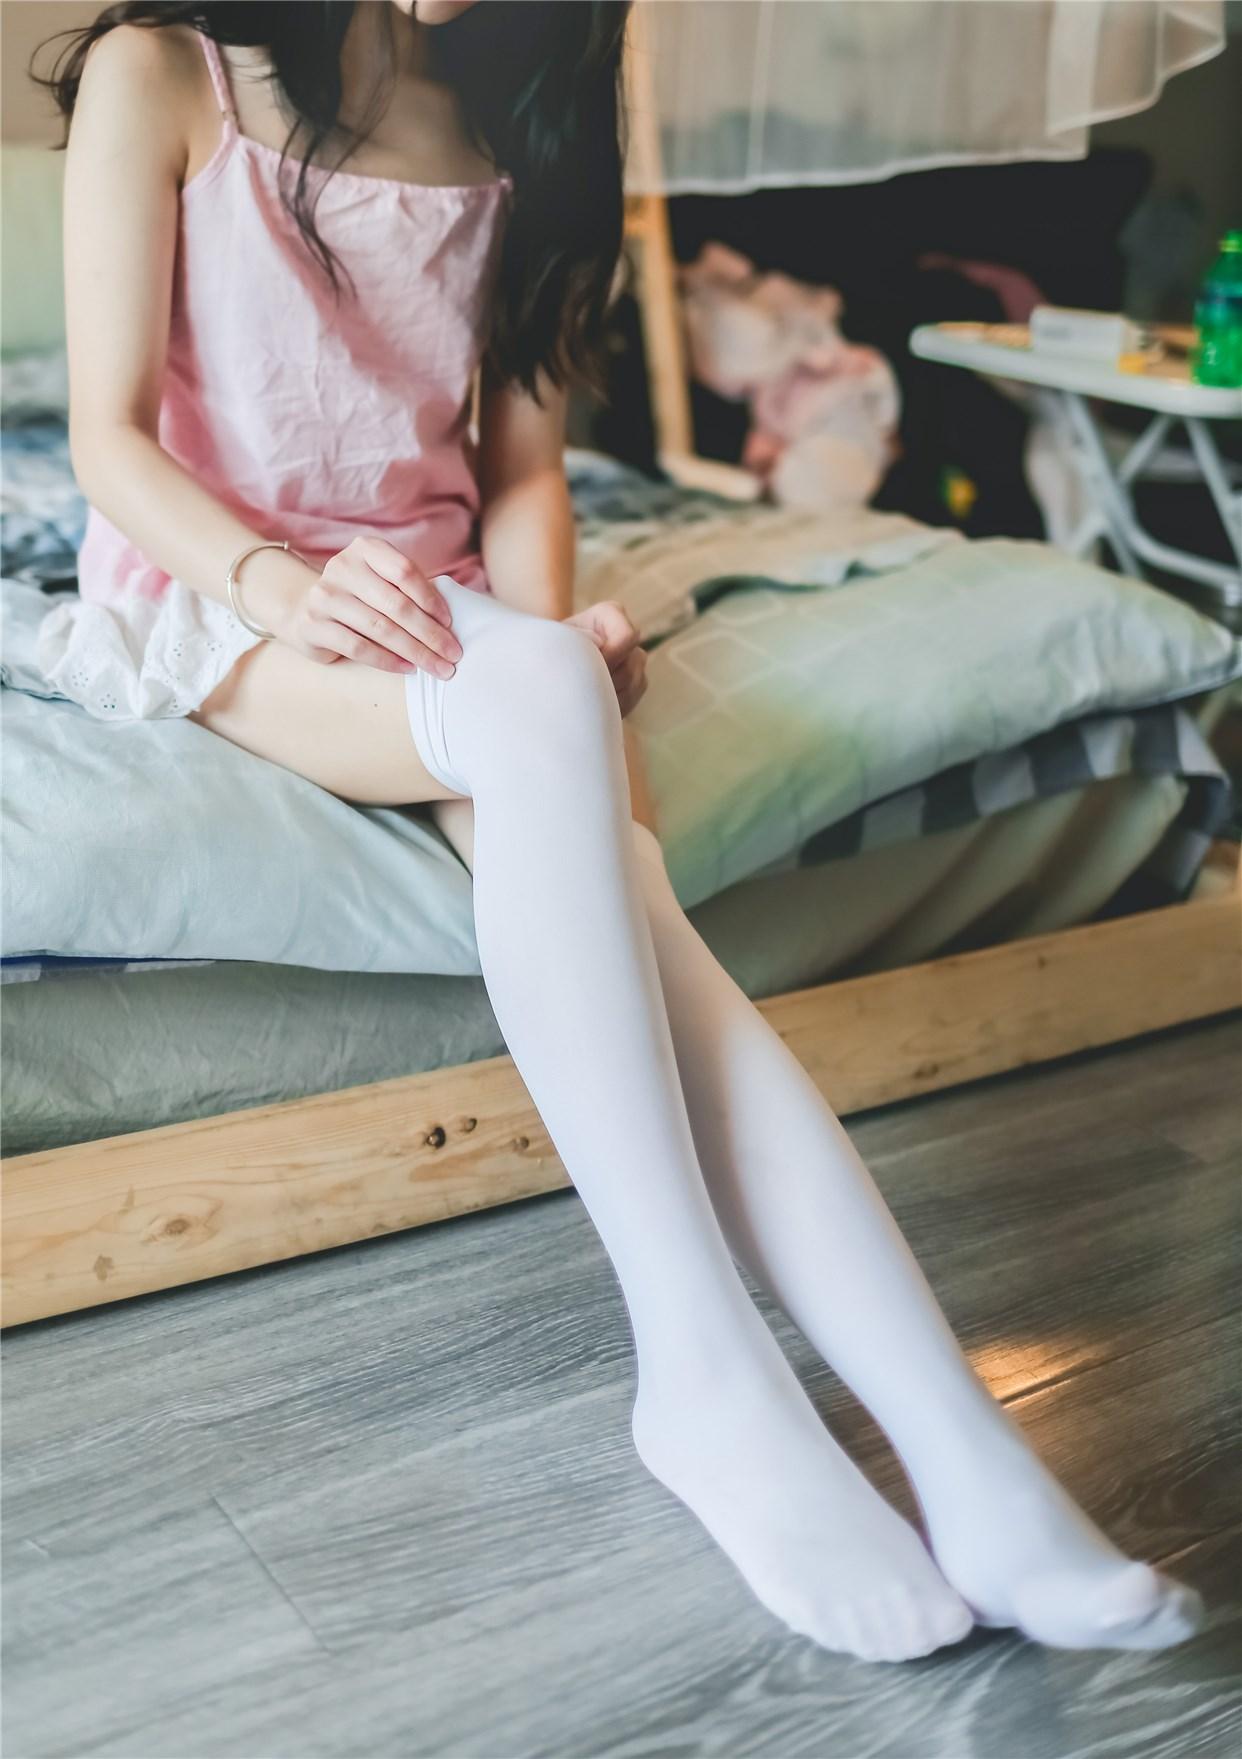 【兔玩映画】粉色小裙子 兔玩映画 第2张